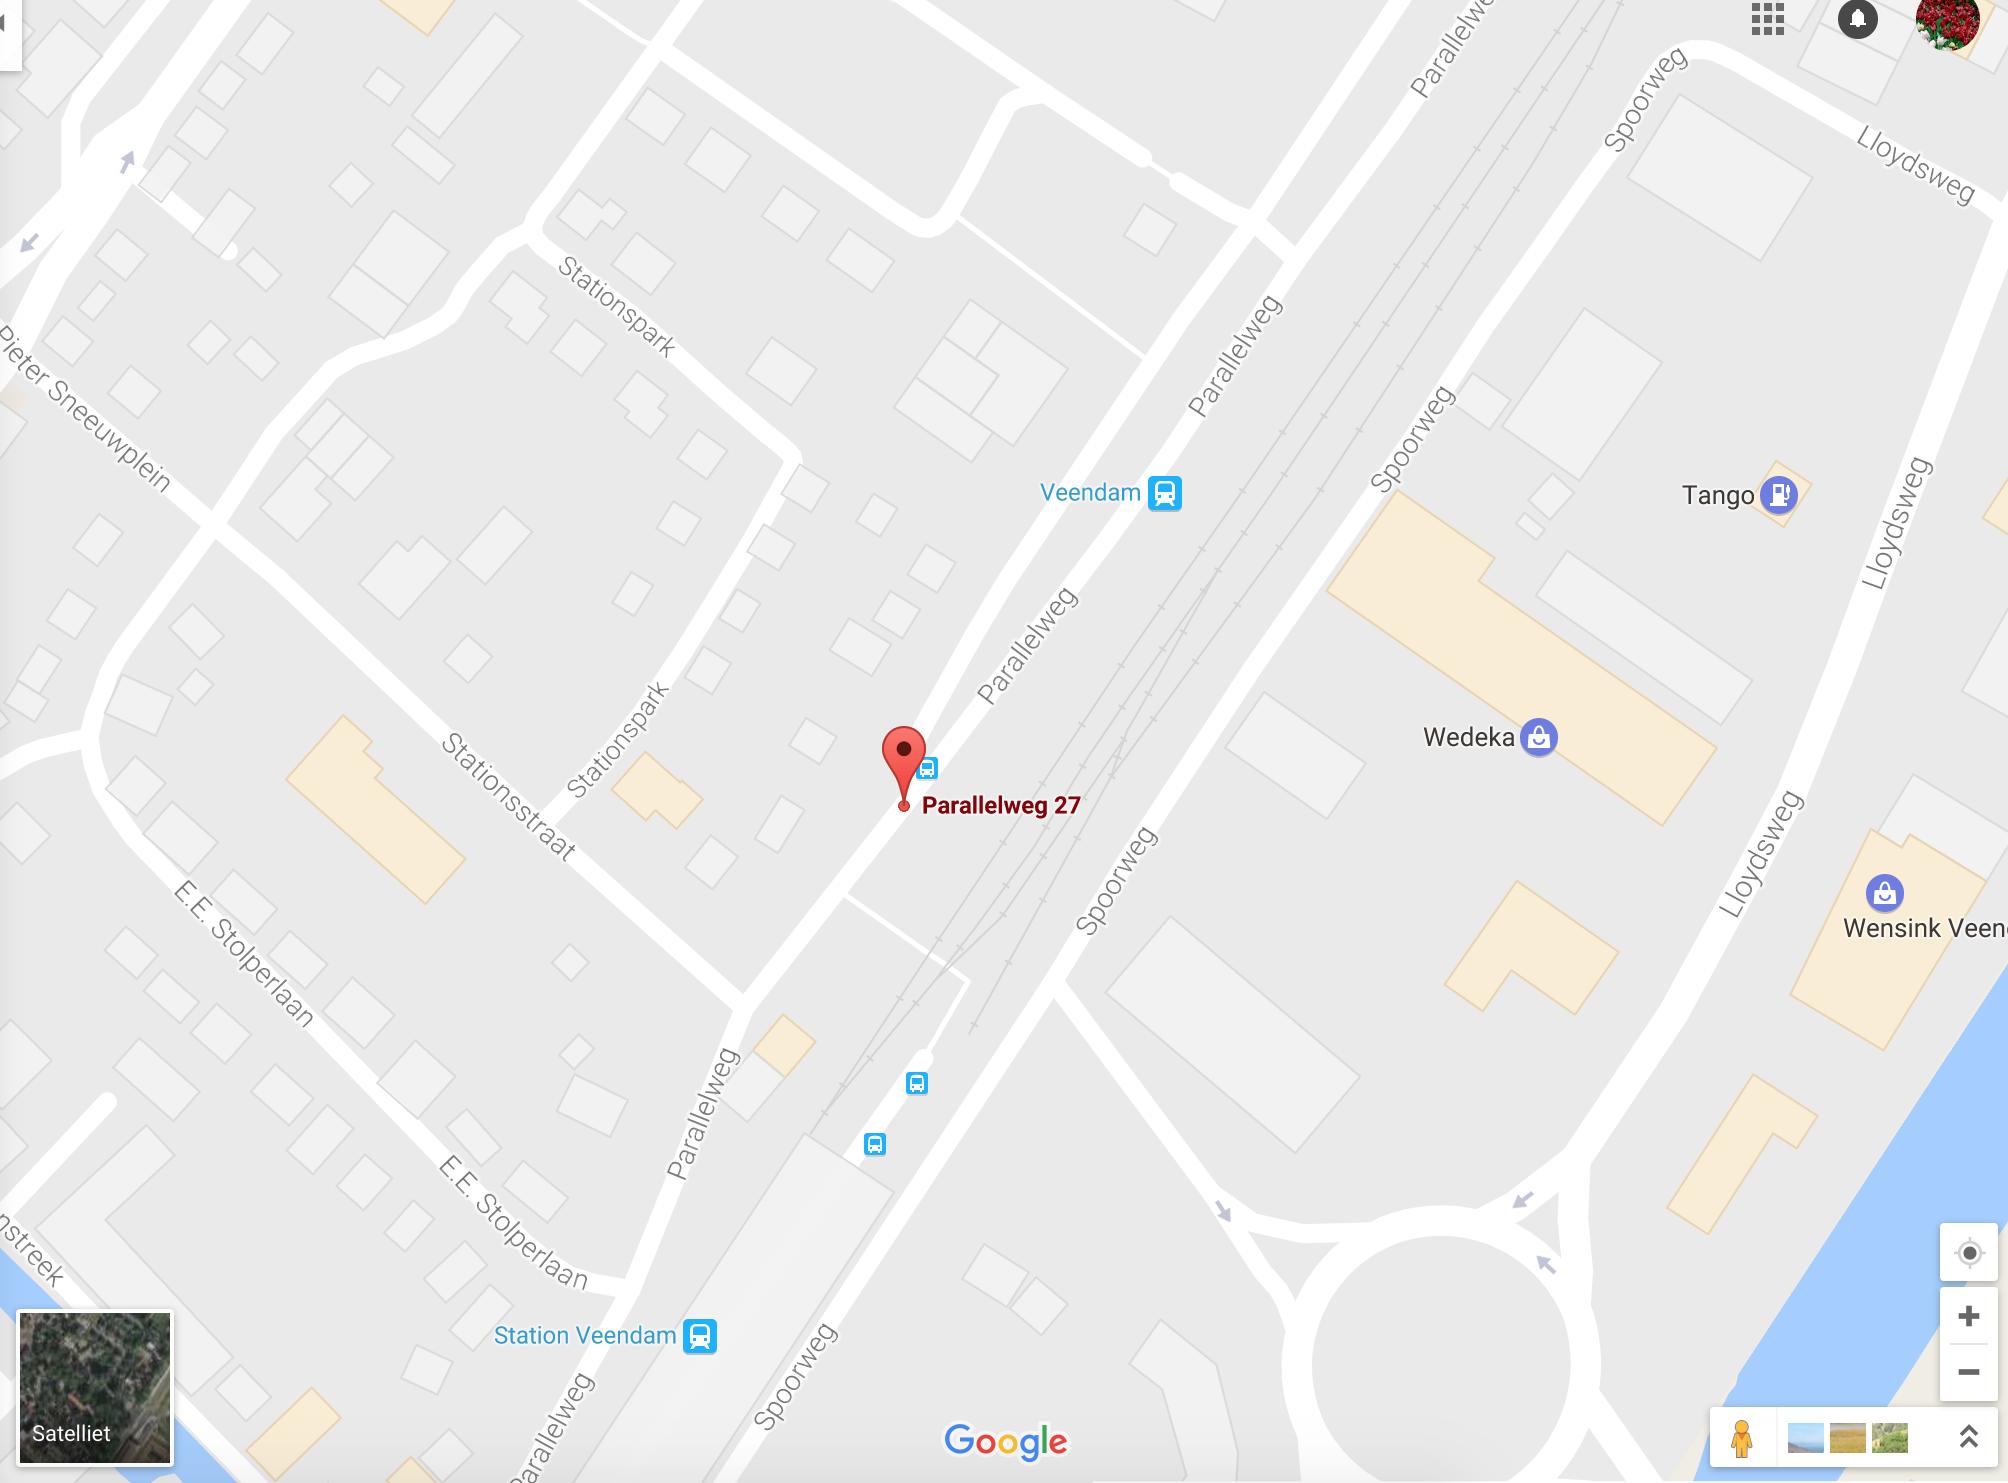 Onze klanten kunnen gratis parkeren op het P+R terrein van de treinstation